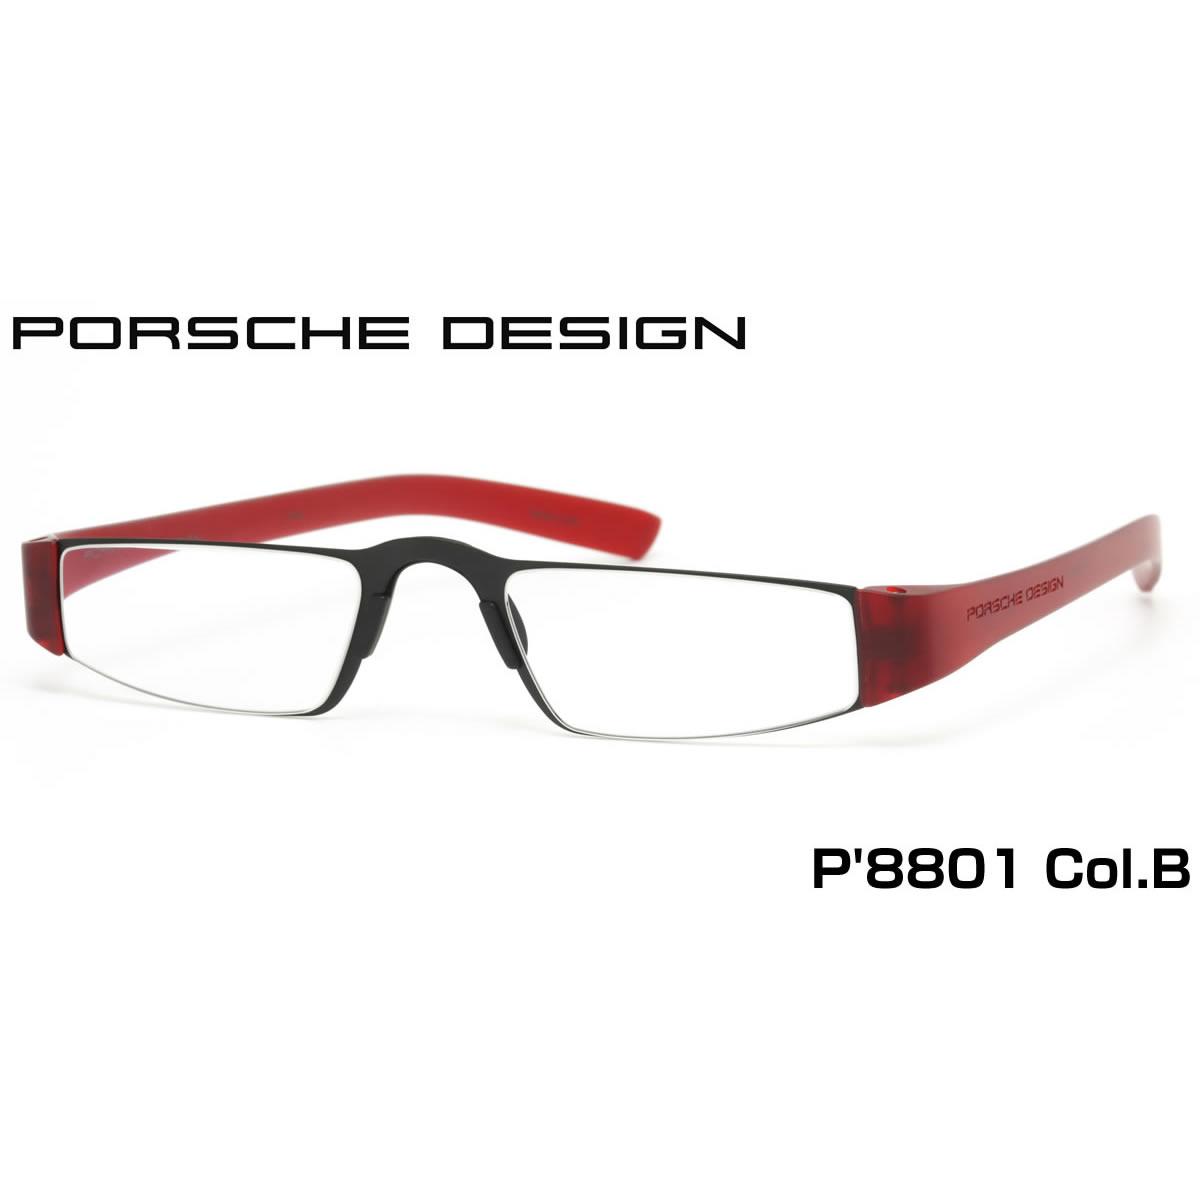 【10月30日からエントリーで全品ポイント20倍】P8801-B PORSCHE DESIGN (ポルシェデザイン) リーディンググラス 老眼鏡 メンズ レディース プレゼントにも最適! [ACC]